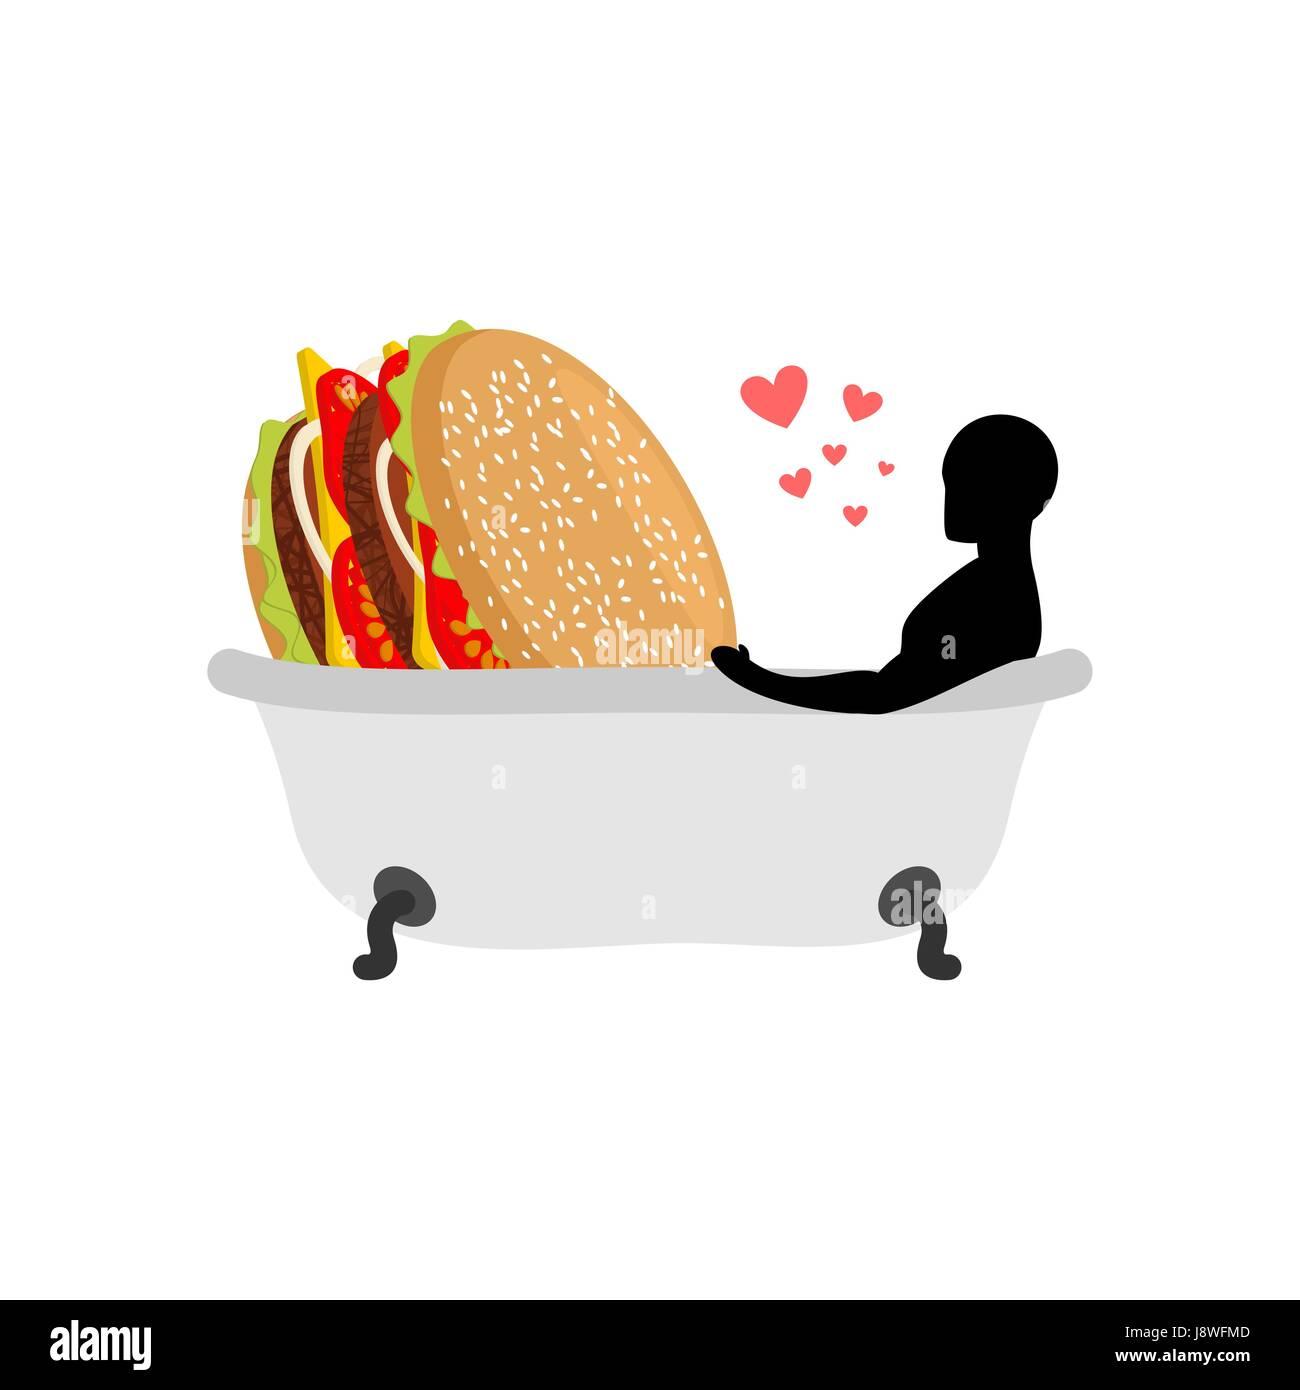 Liebhaber Fast Food Mann Und Hamburger Im Bad Guy Und Burger